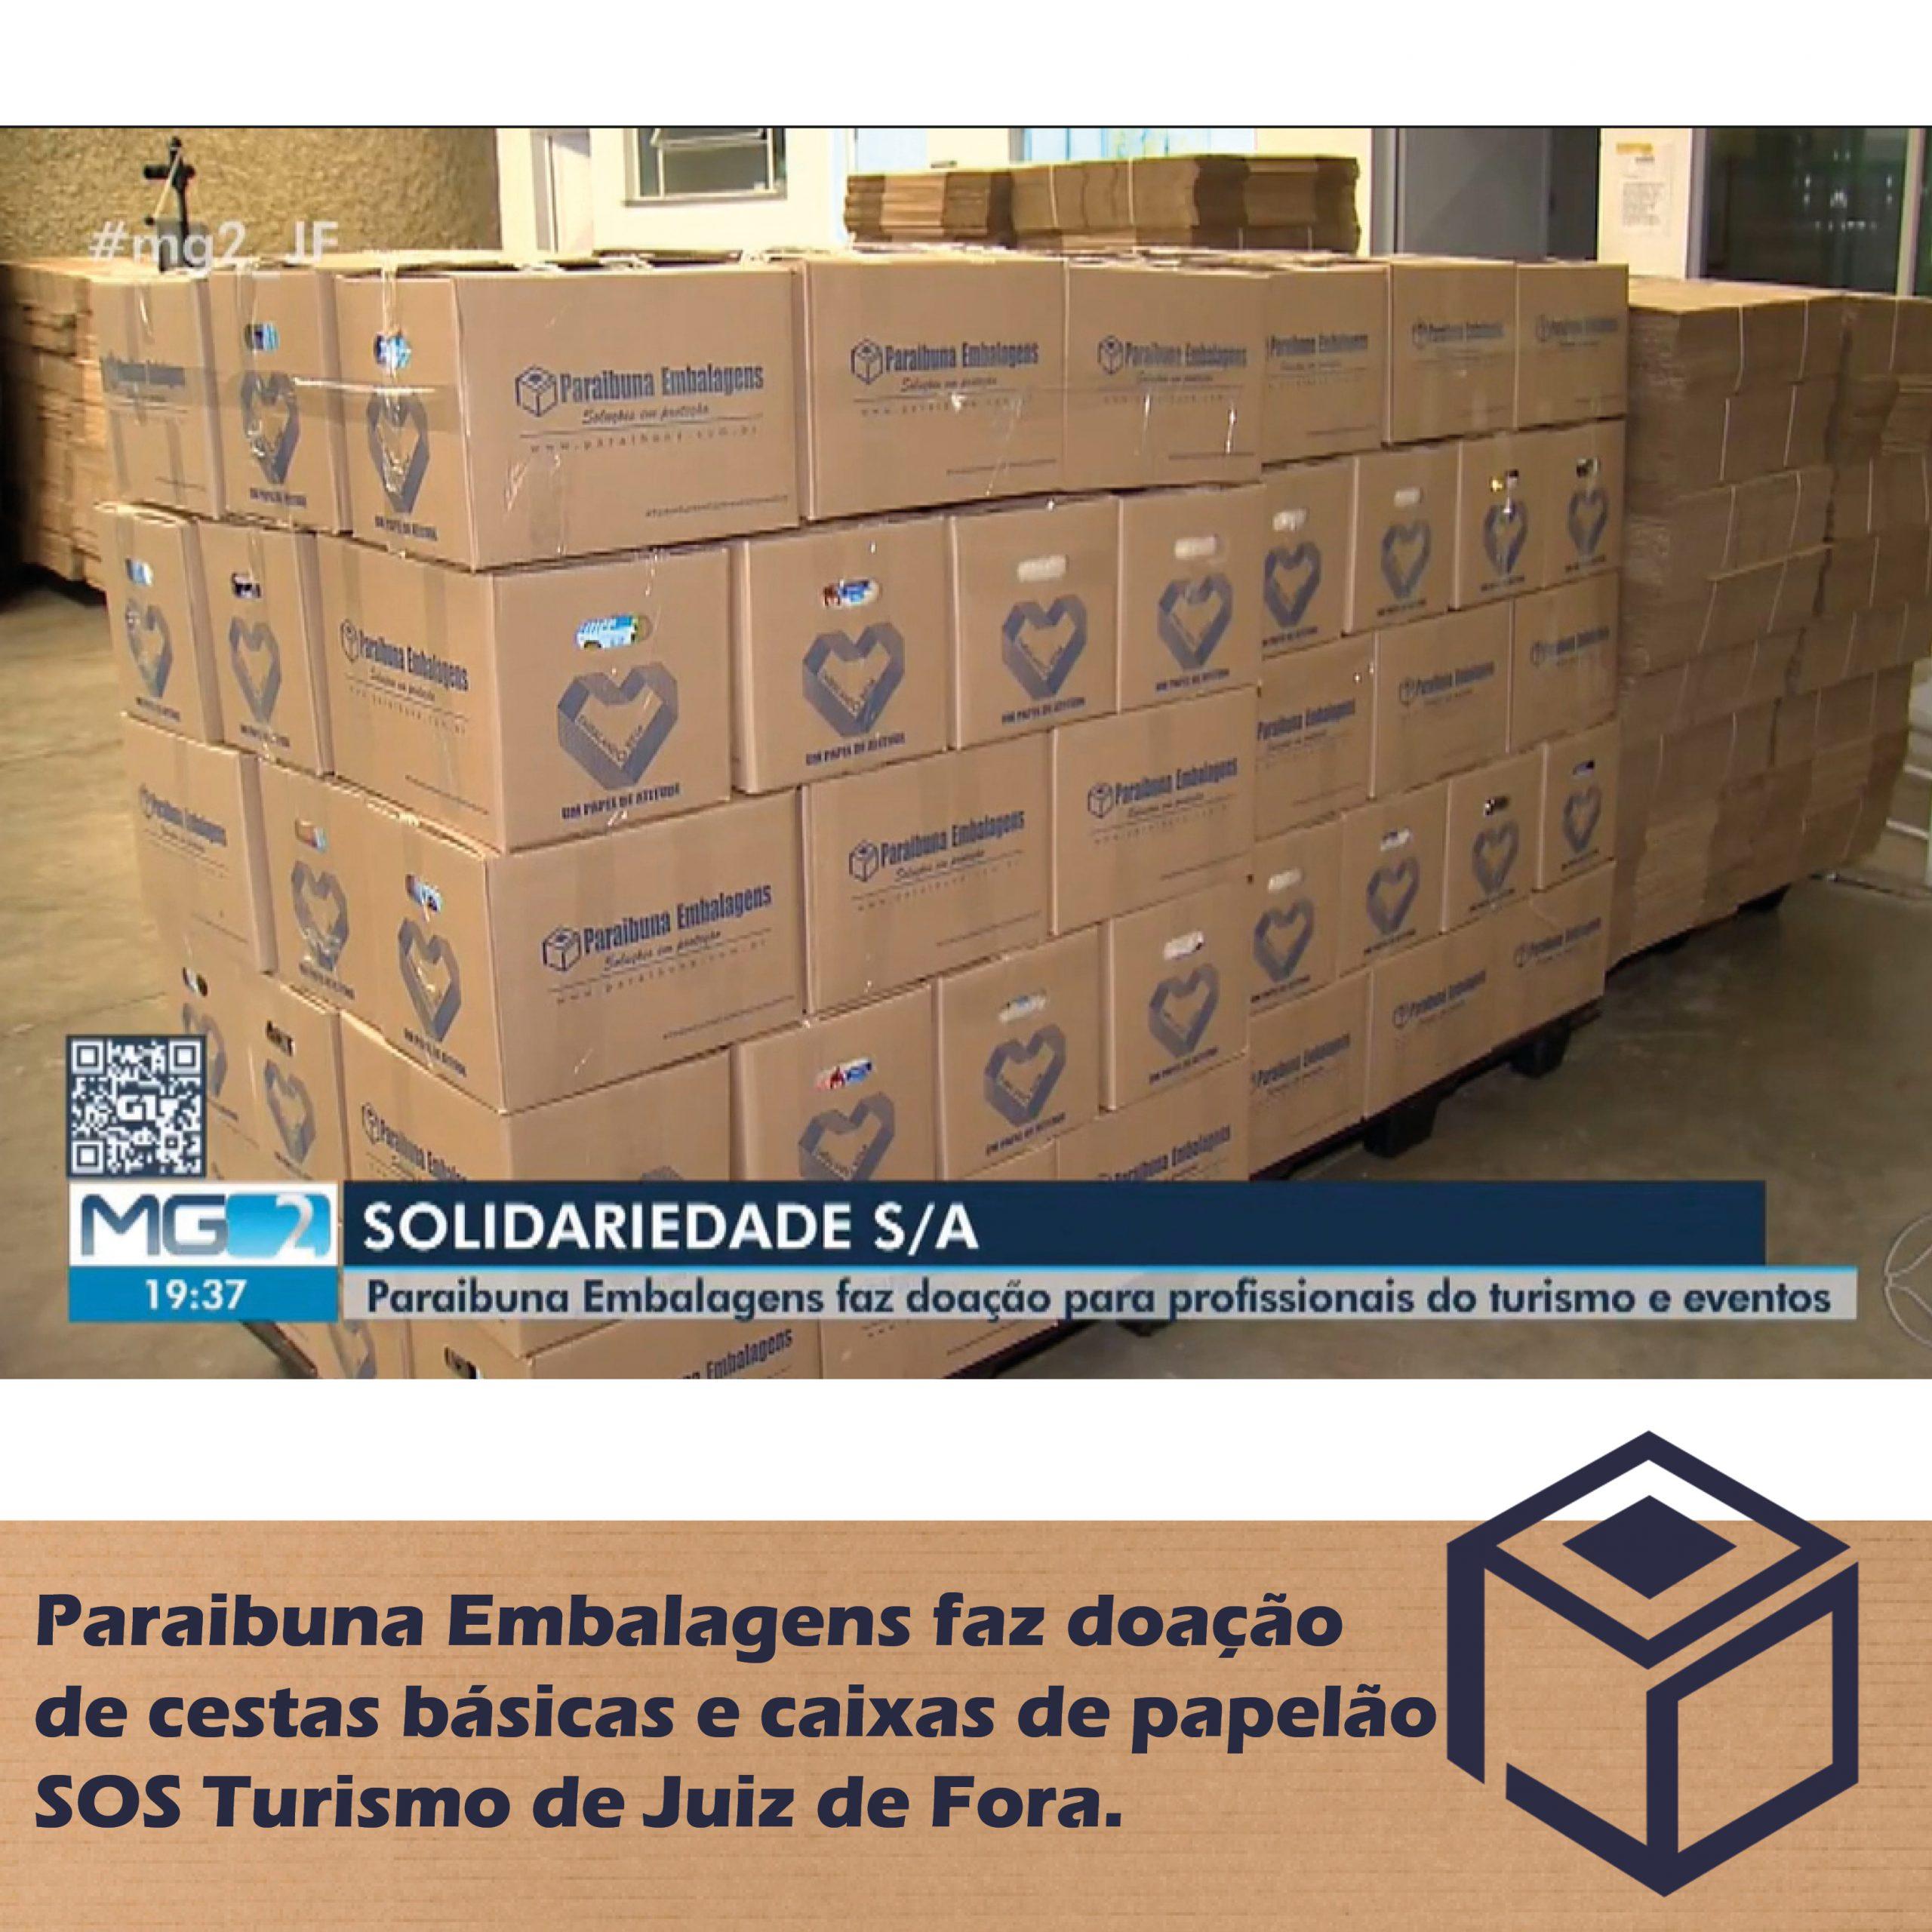 Paraibuna Embalagens faz doação de cestas básicas e caixas de papelão – SOS Turismo de Juiz de Fora.